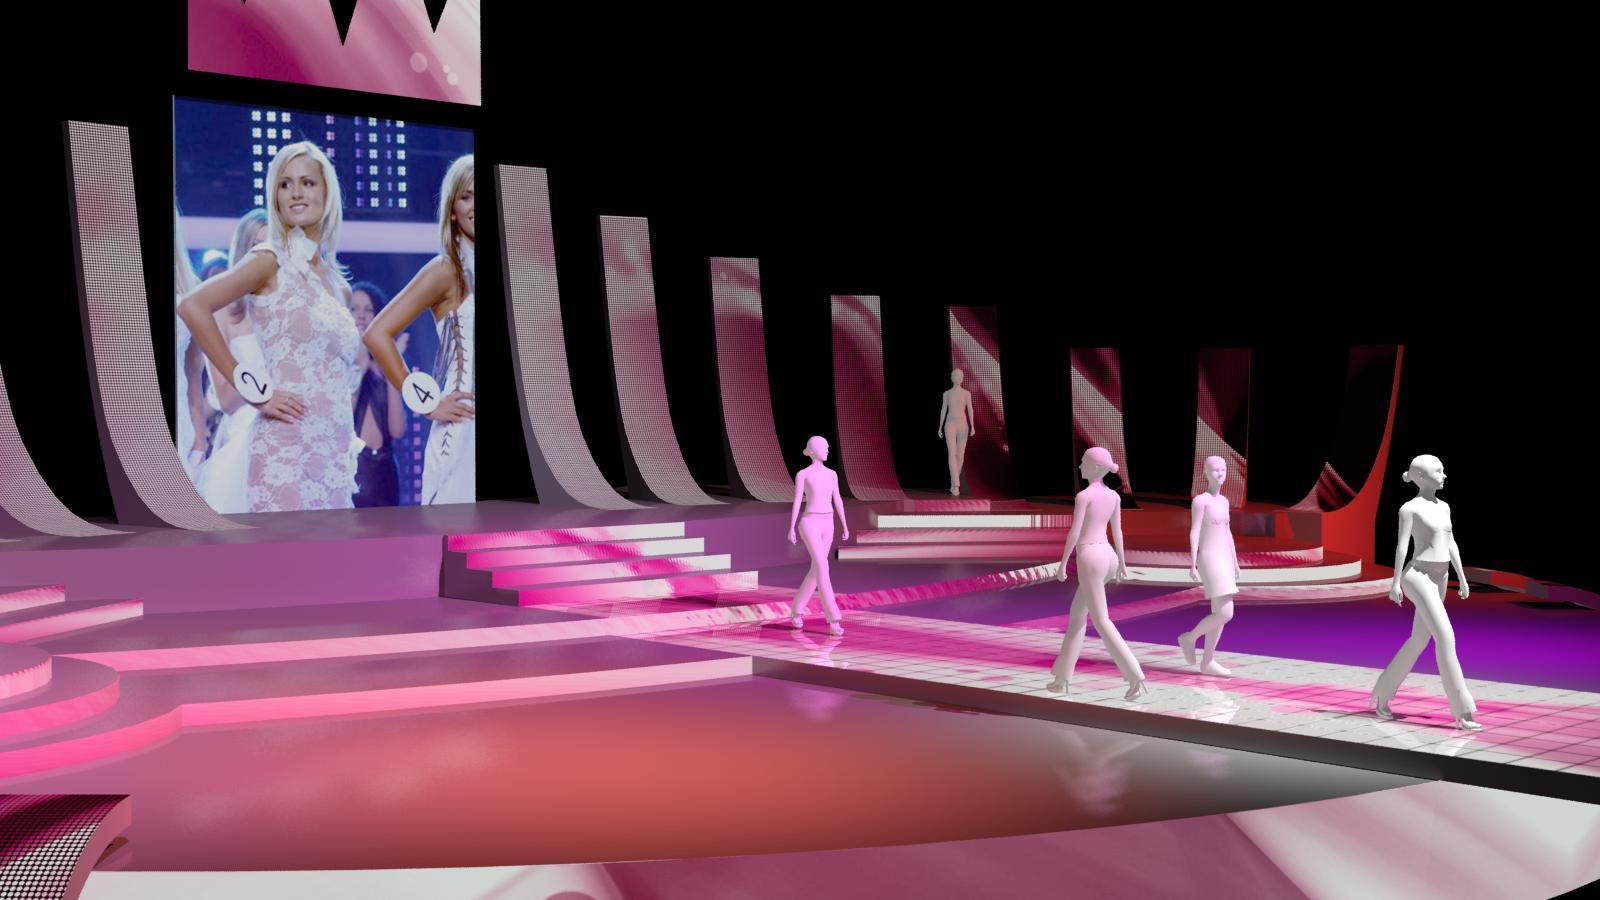 舞台设计舞美灯光设计专区 展览展示设计 灯光音响租赁 展台搭建 展馆